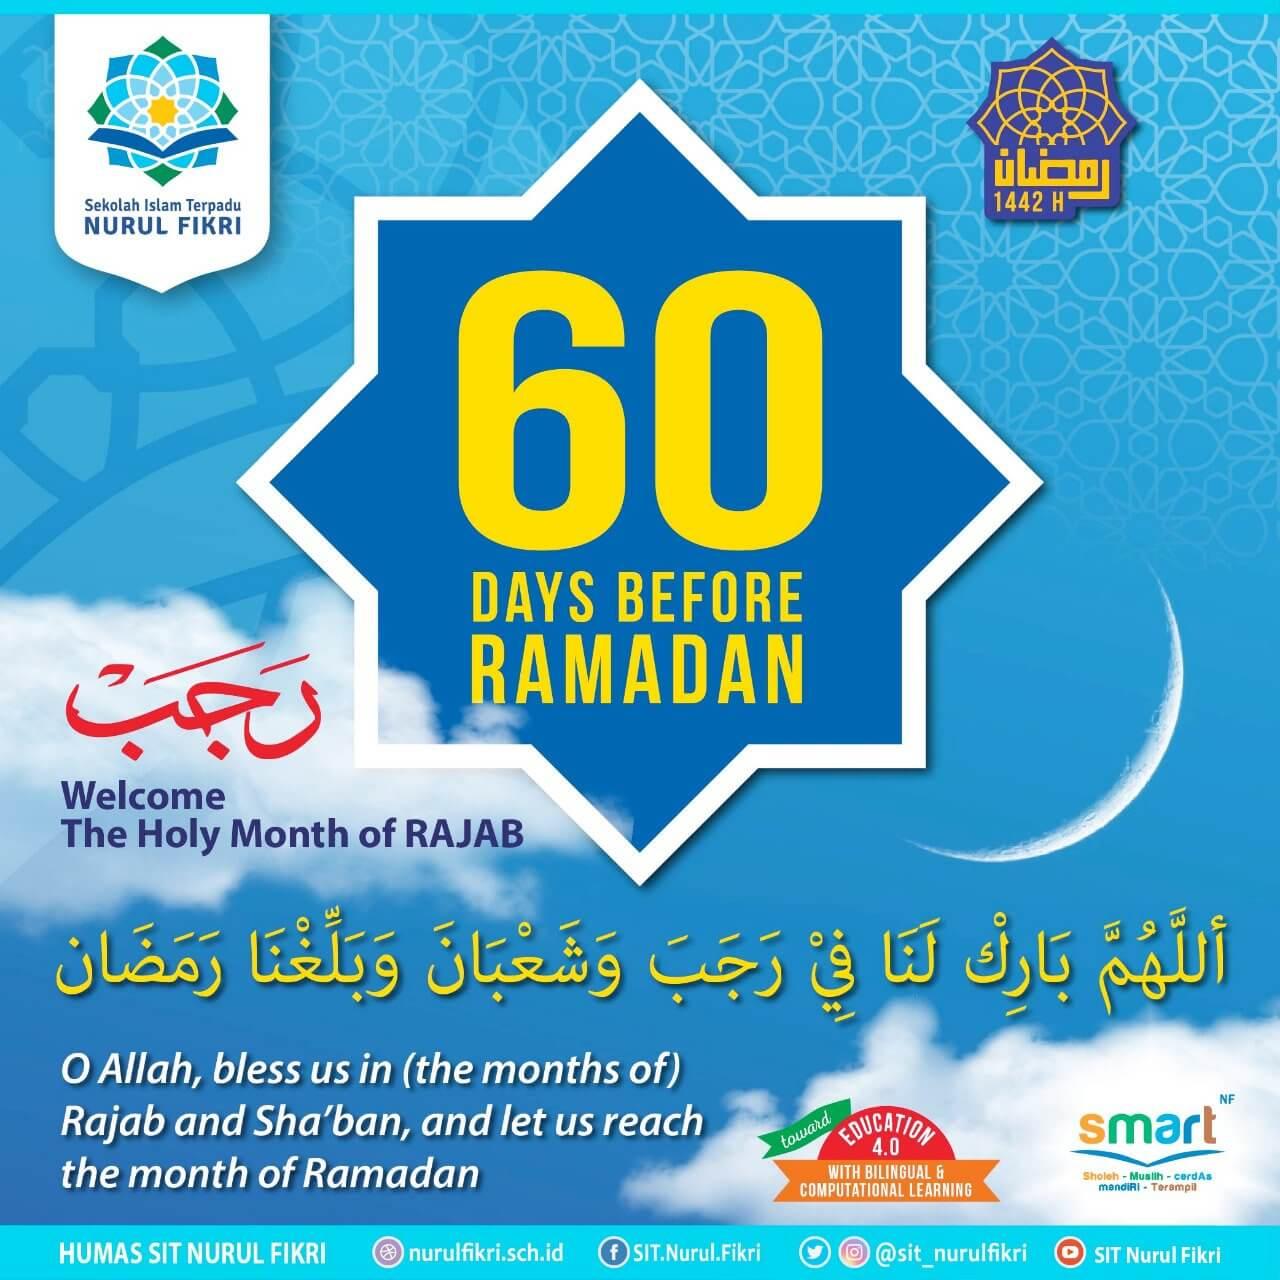 Sudahkan Anda Mempersiapkan Ilmu Sebelum Ramadhan?